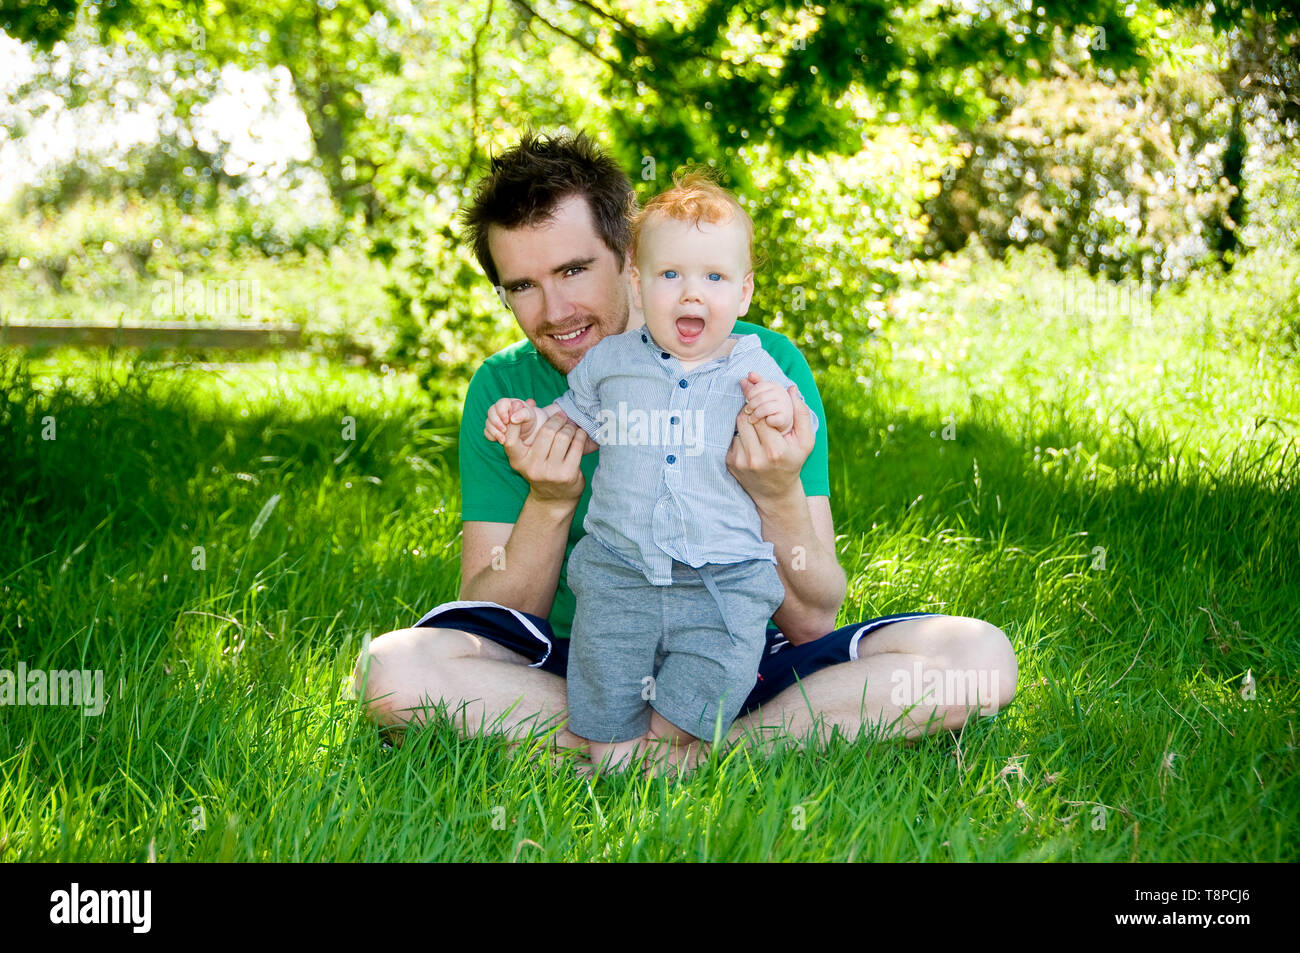 Giovani papà con bambino seduti all'aperto nel giardino in una giornata di sole. Immagini Stock